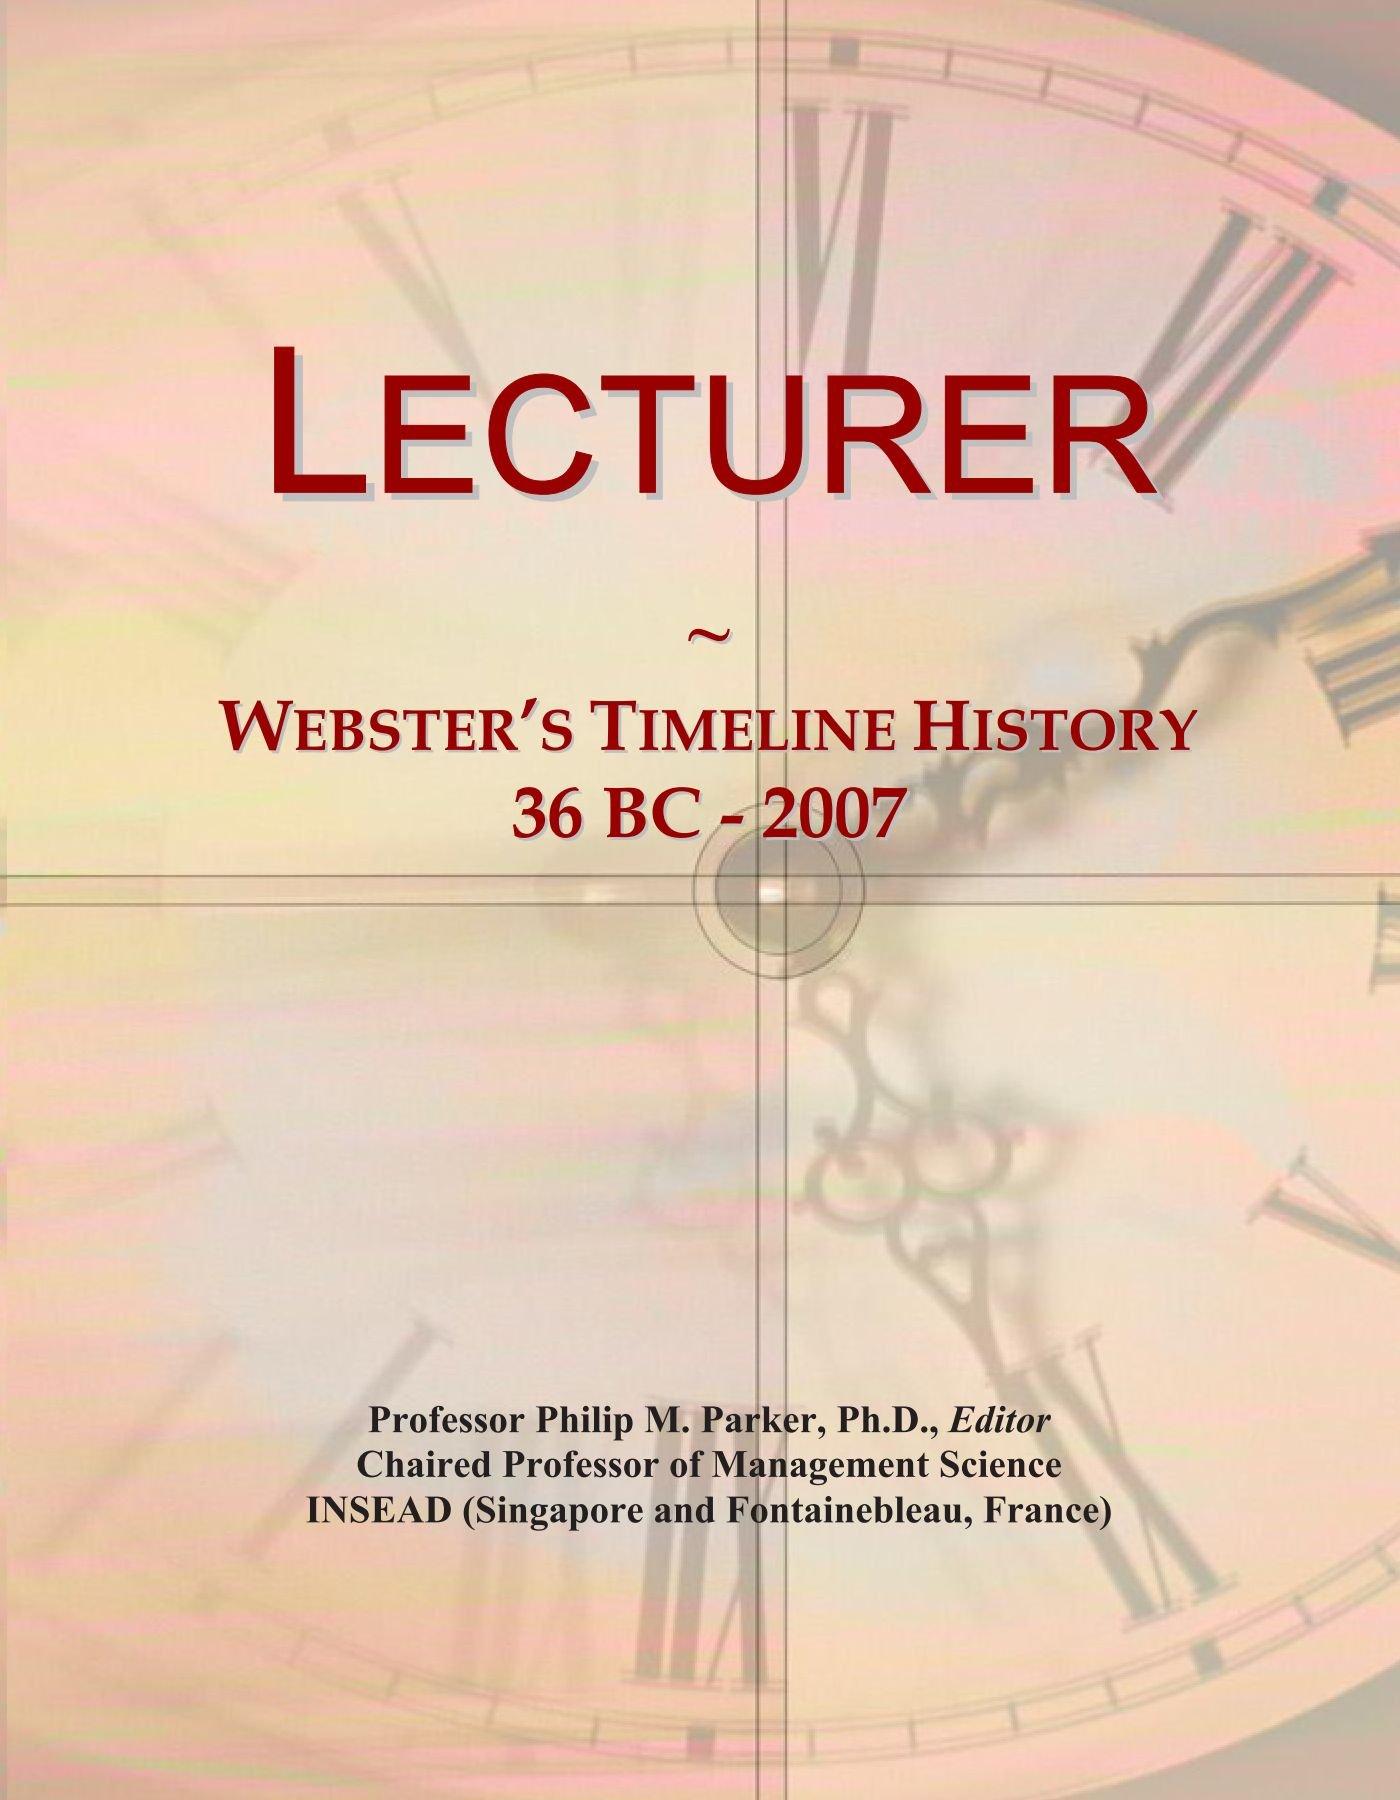 Lecturer: Webster's Timeline History, 36 BC - 2007 ebook